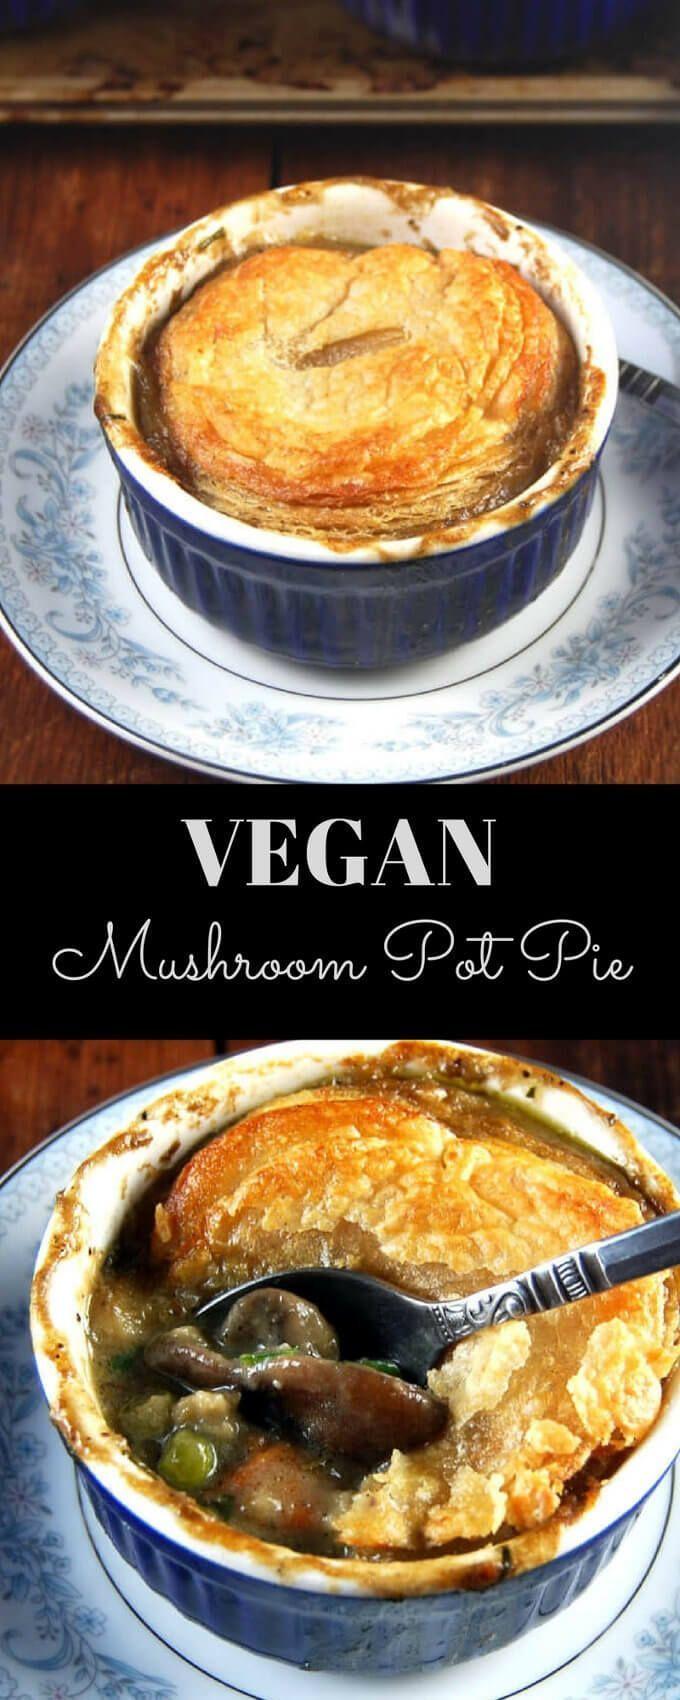 Vegan Mushroom Pot Pie